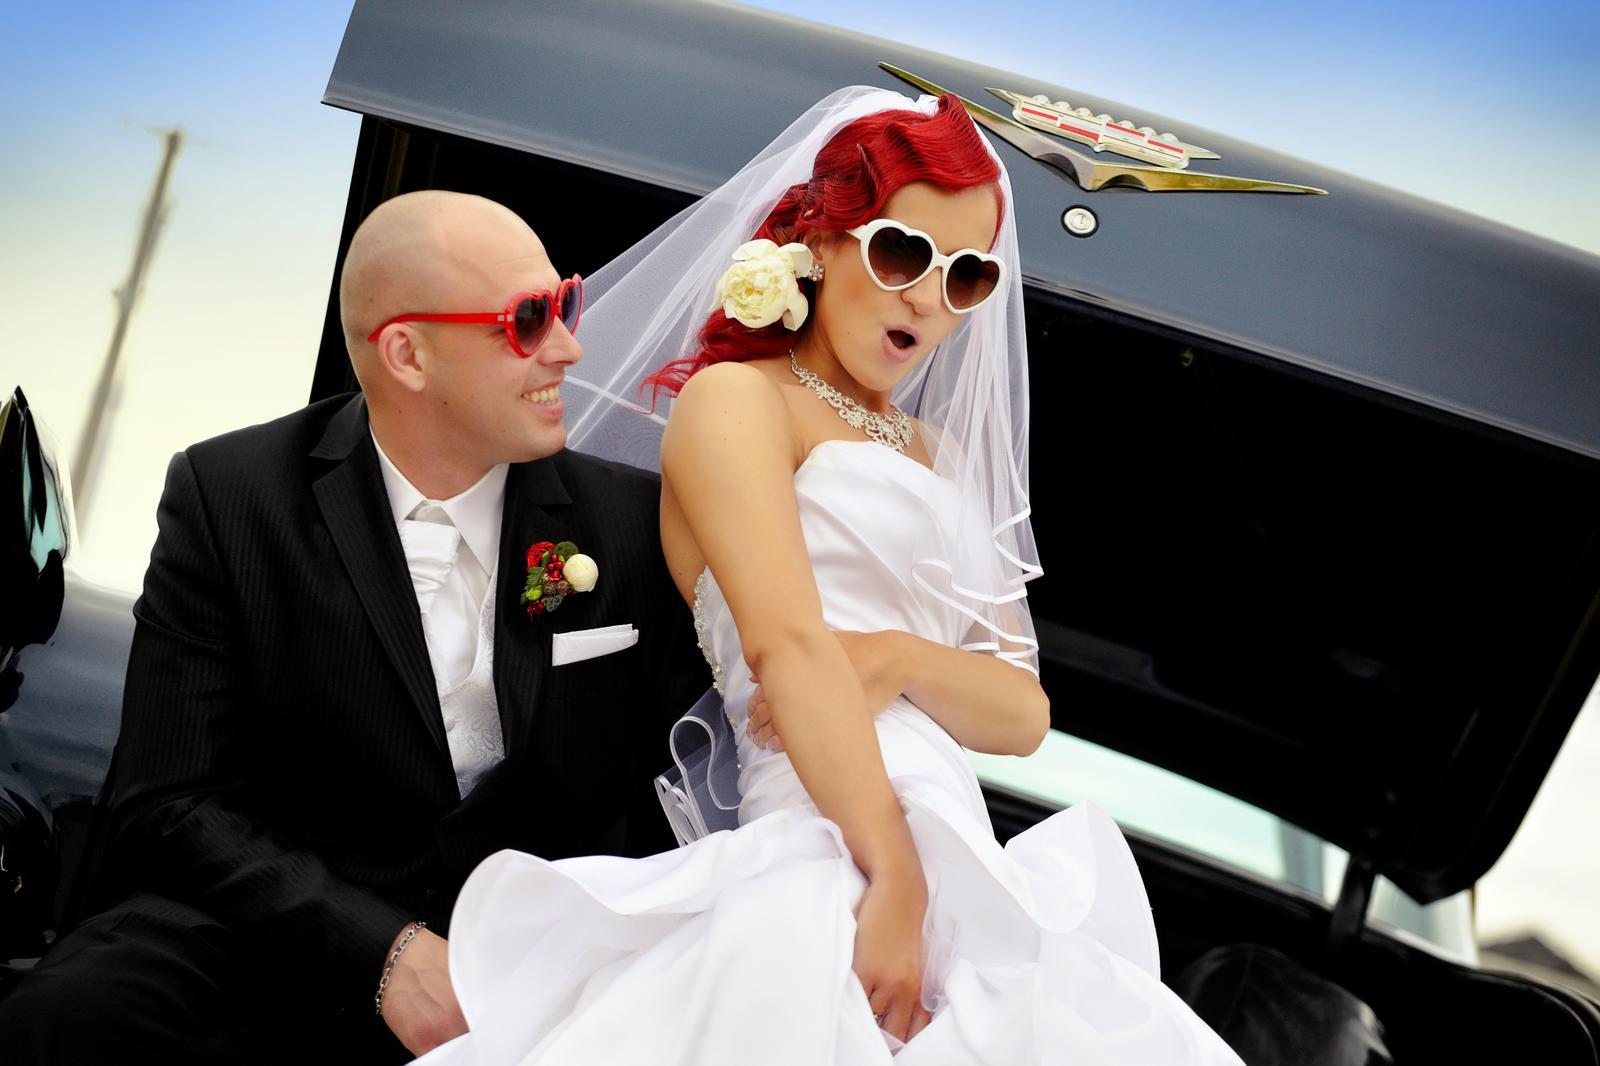 svadba bola 18.6.2011 - Obrázok č. 1